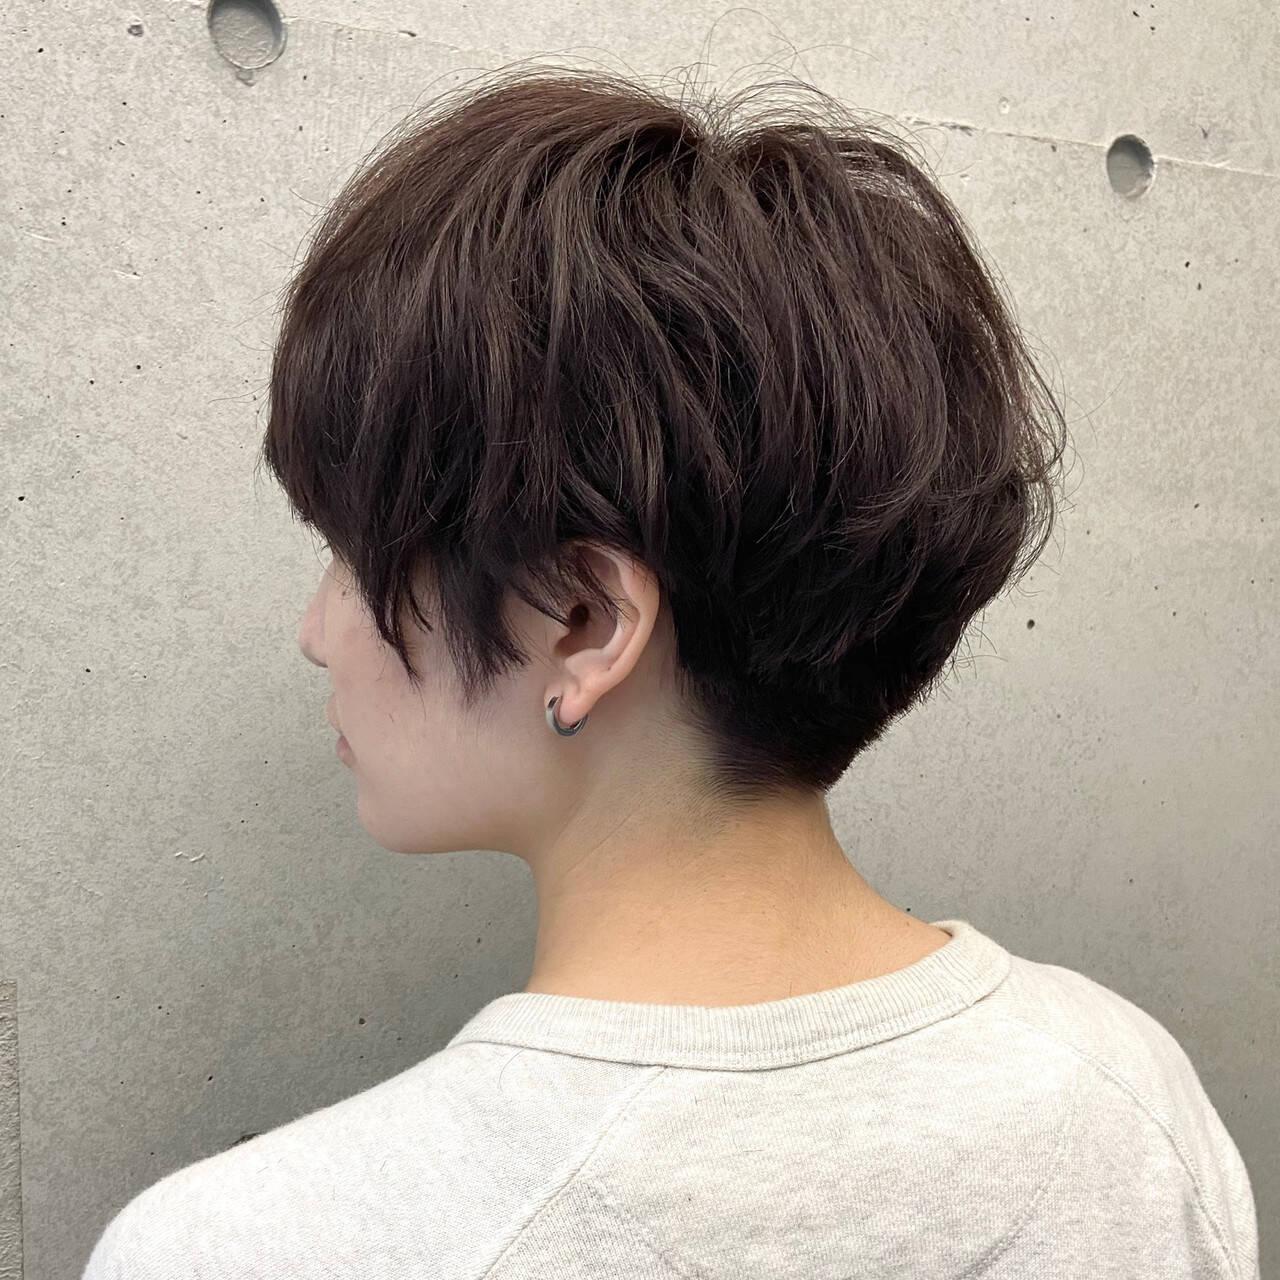 パーマ ベリーショート ジェンダーレス 刈り上げショートヘアスタイルや髪型の写真・画像